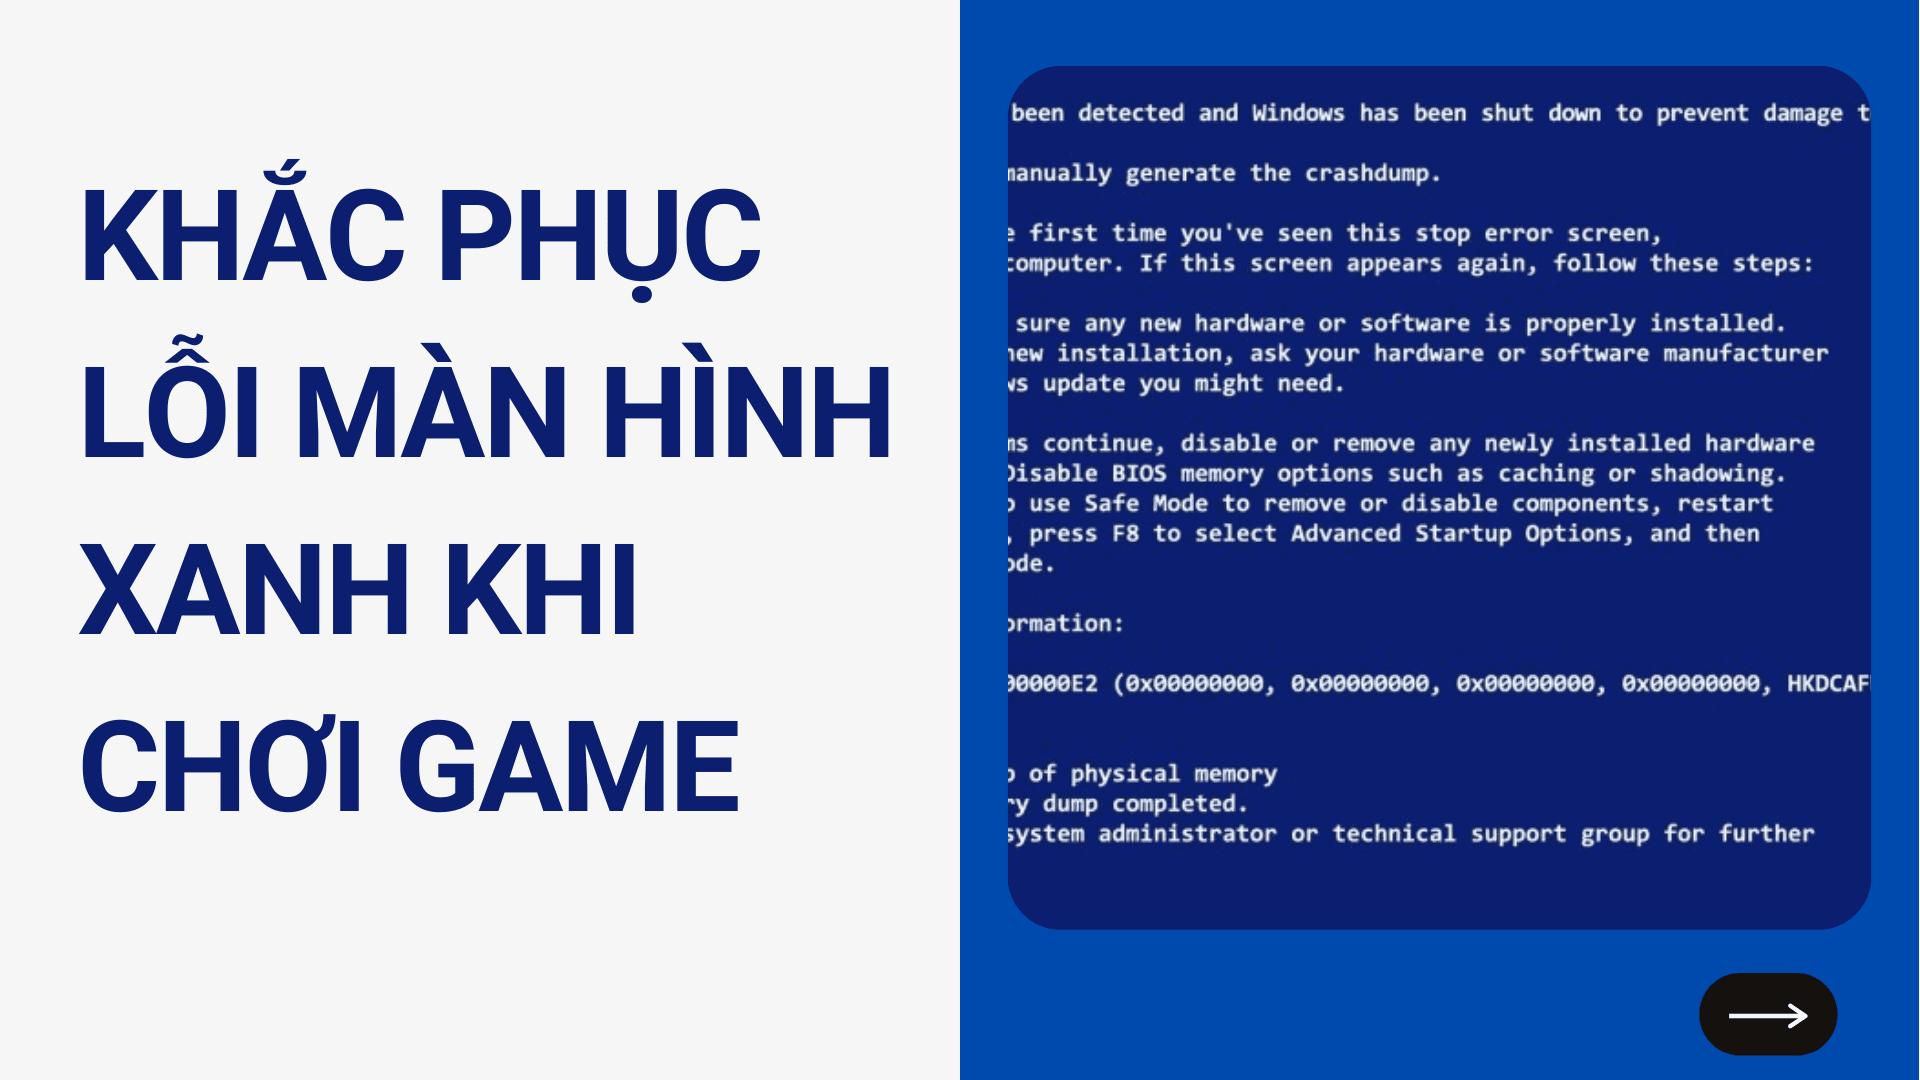 Cách khắc phục lỗi màn hình xanh khi chơi game nhanh chóng